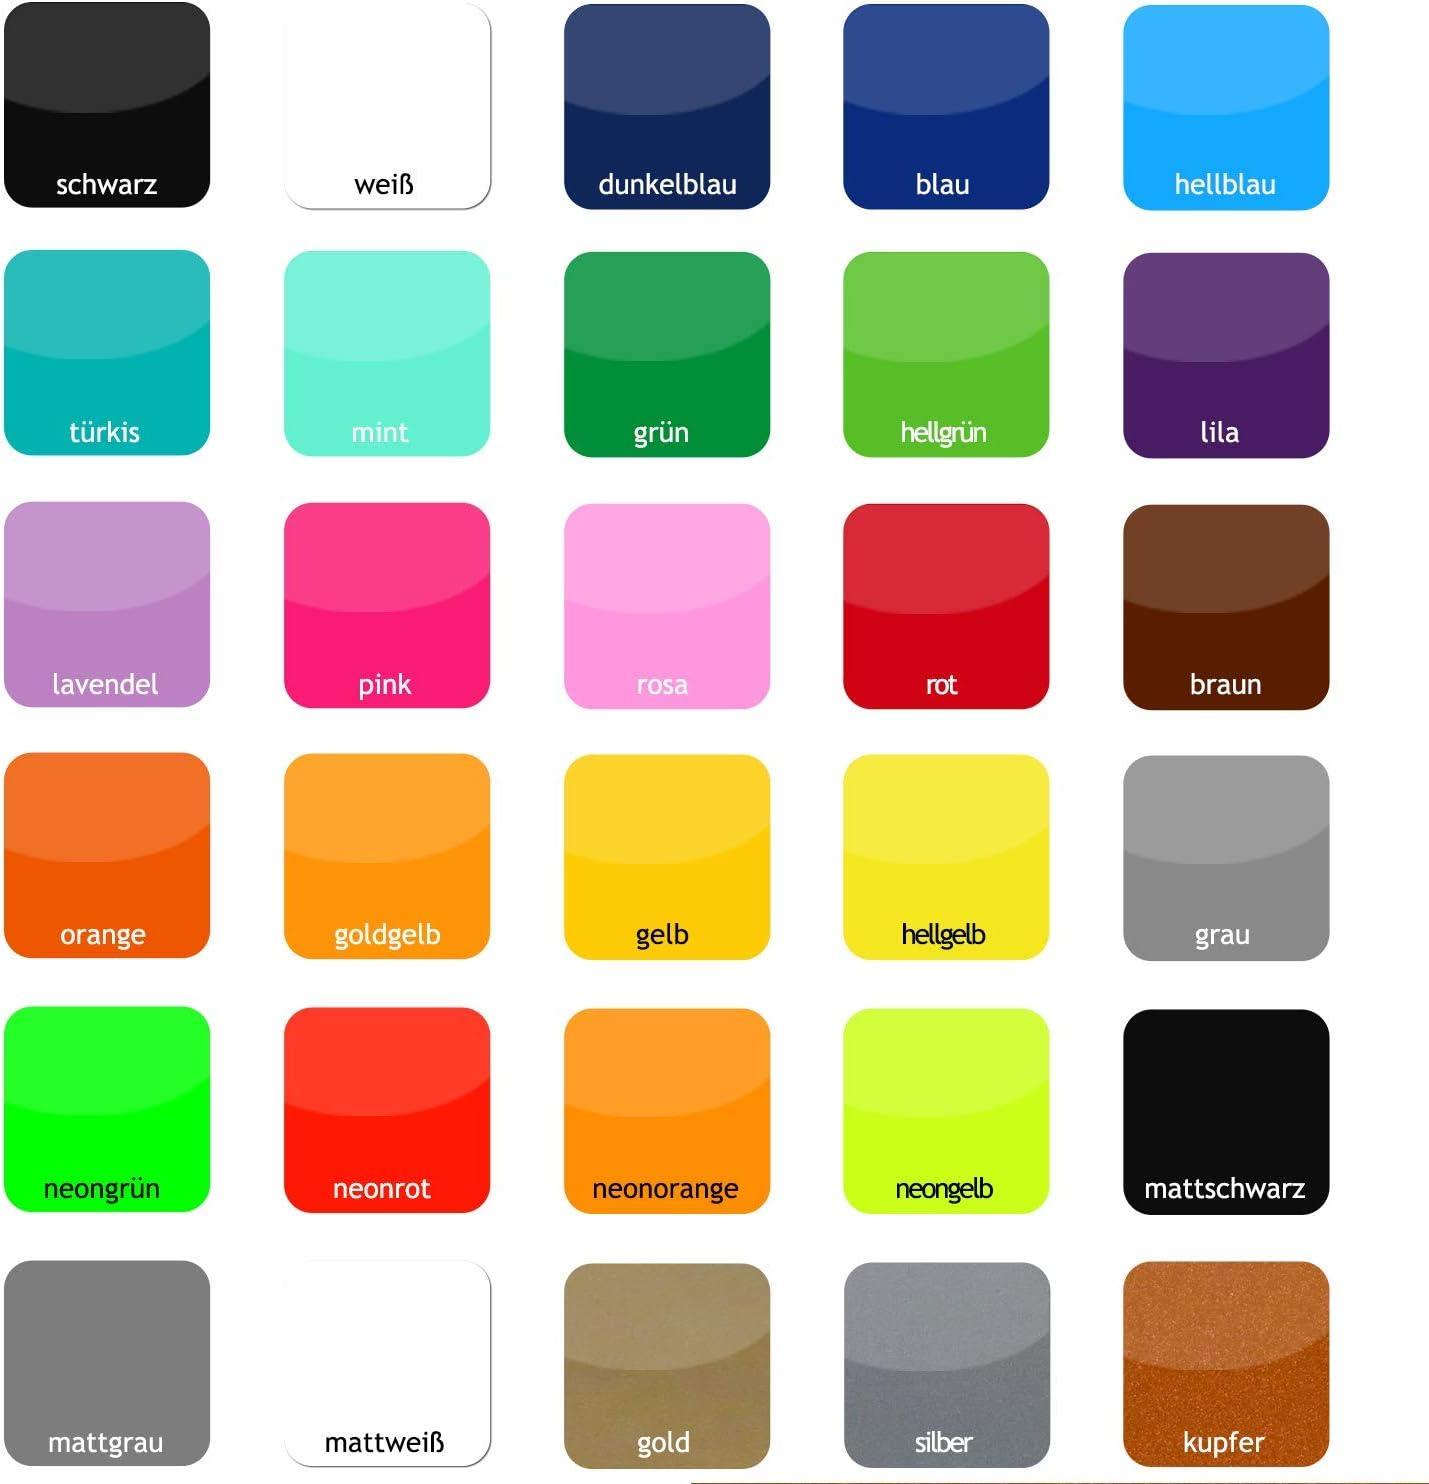 foliado/® Hausnummer Familie Name Briefkasten selbstklebender Aufkleber Milchglasfolie oder farbige Folie f/ür Haust/ür Glasdekor Namensschild Gr/ö/ße bis 15 cm #APD-016